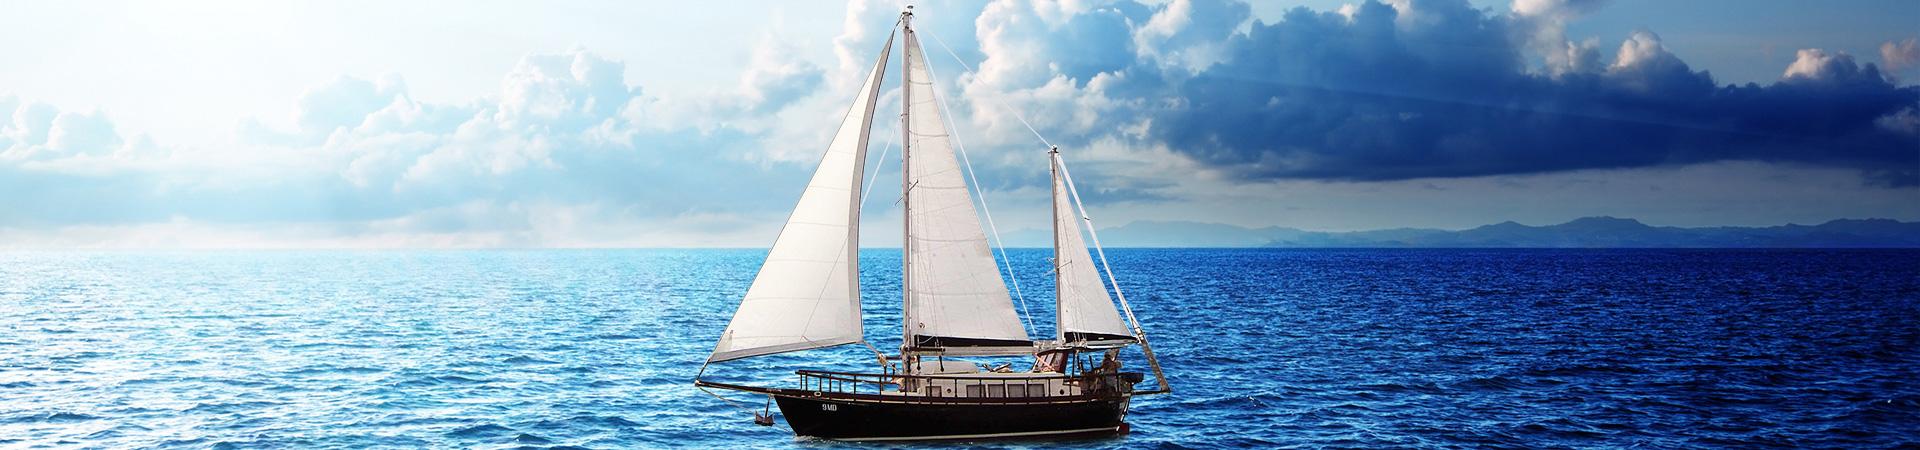 Segelyacht modern  Segeln mit skipper in Kroatien - Yacht Charter Kroatien